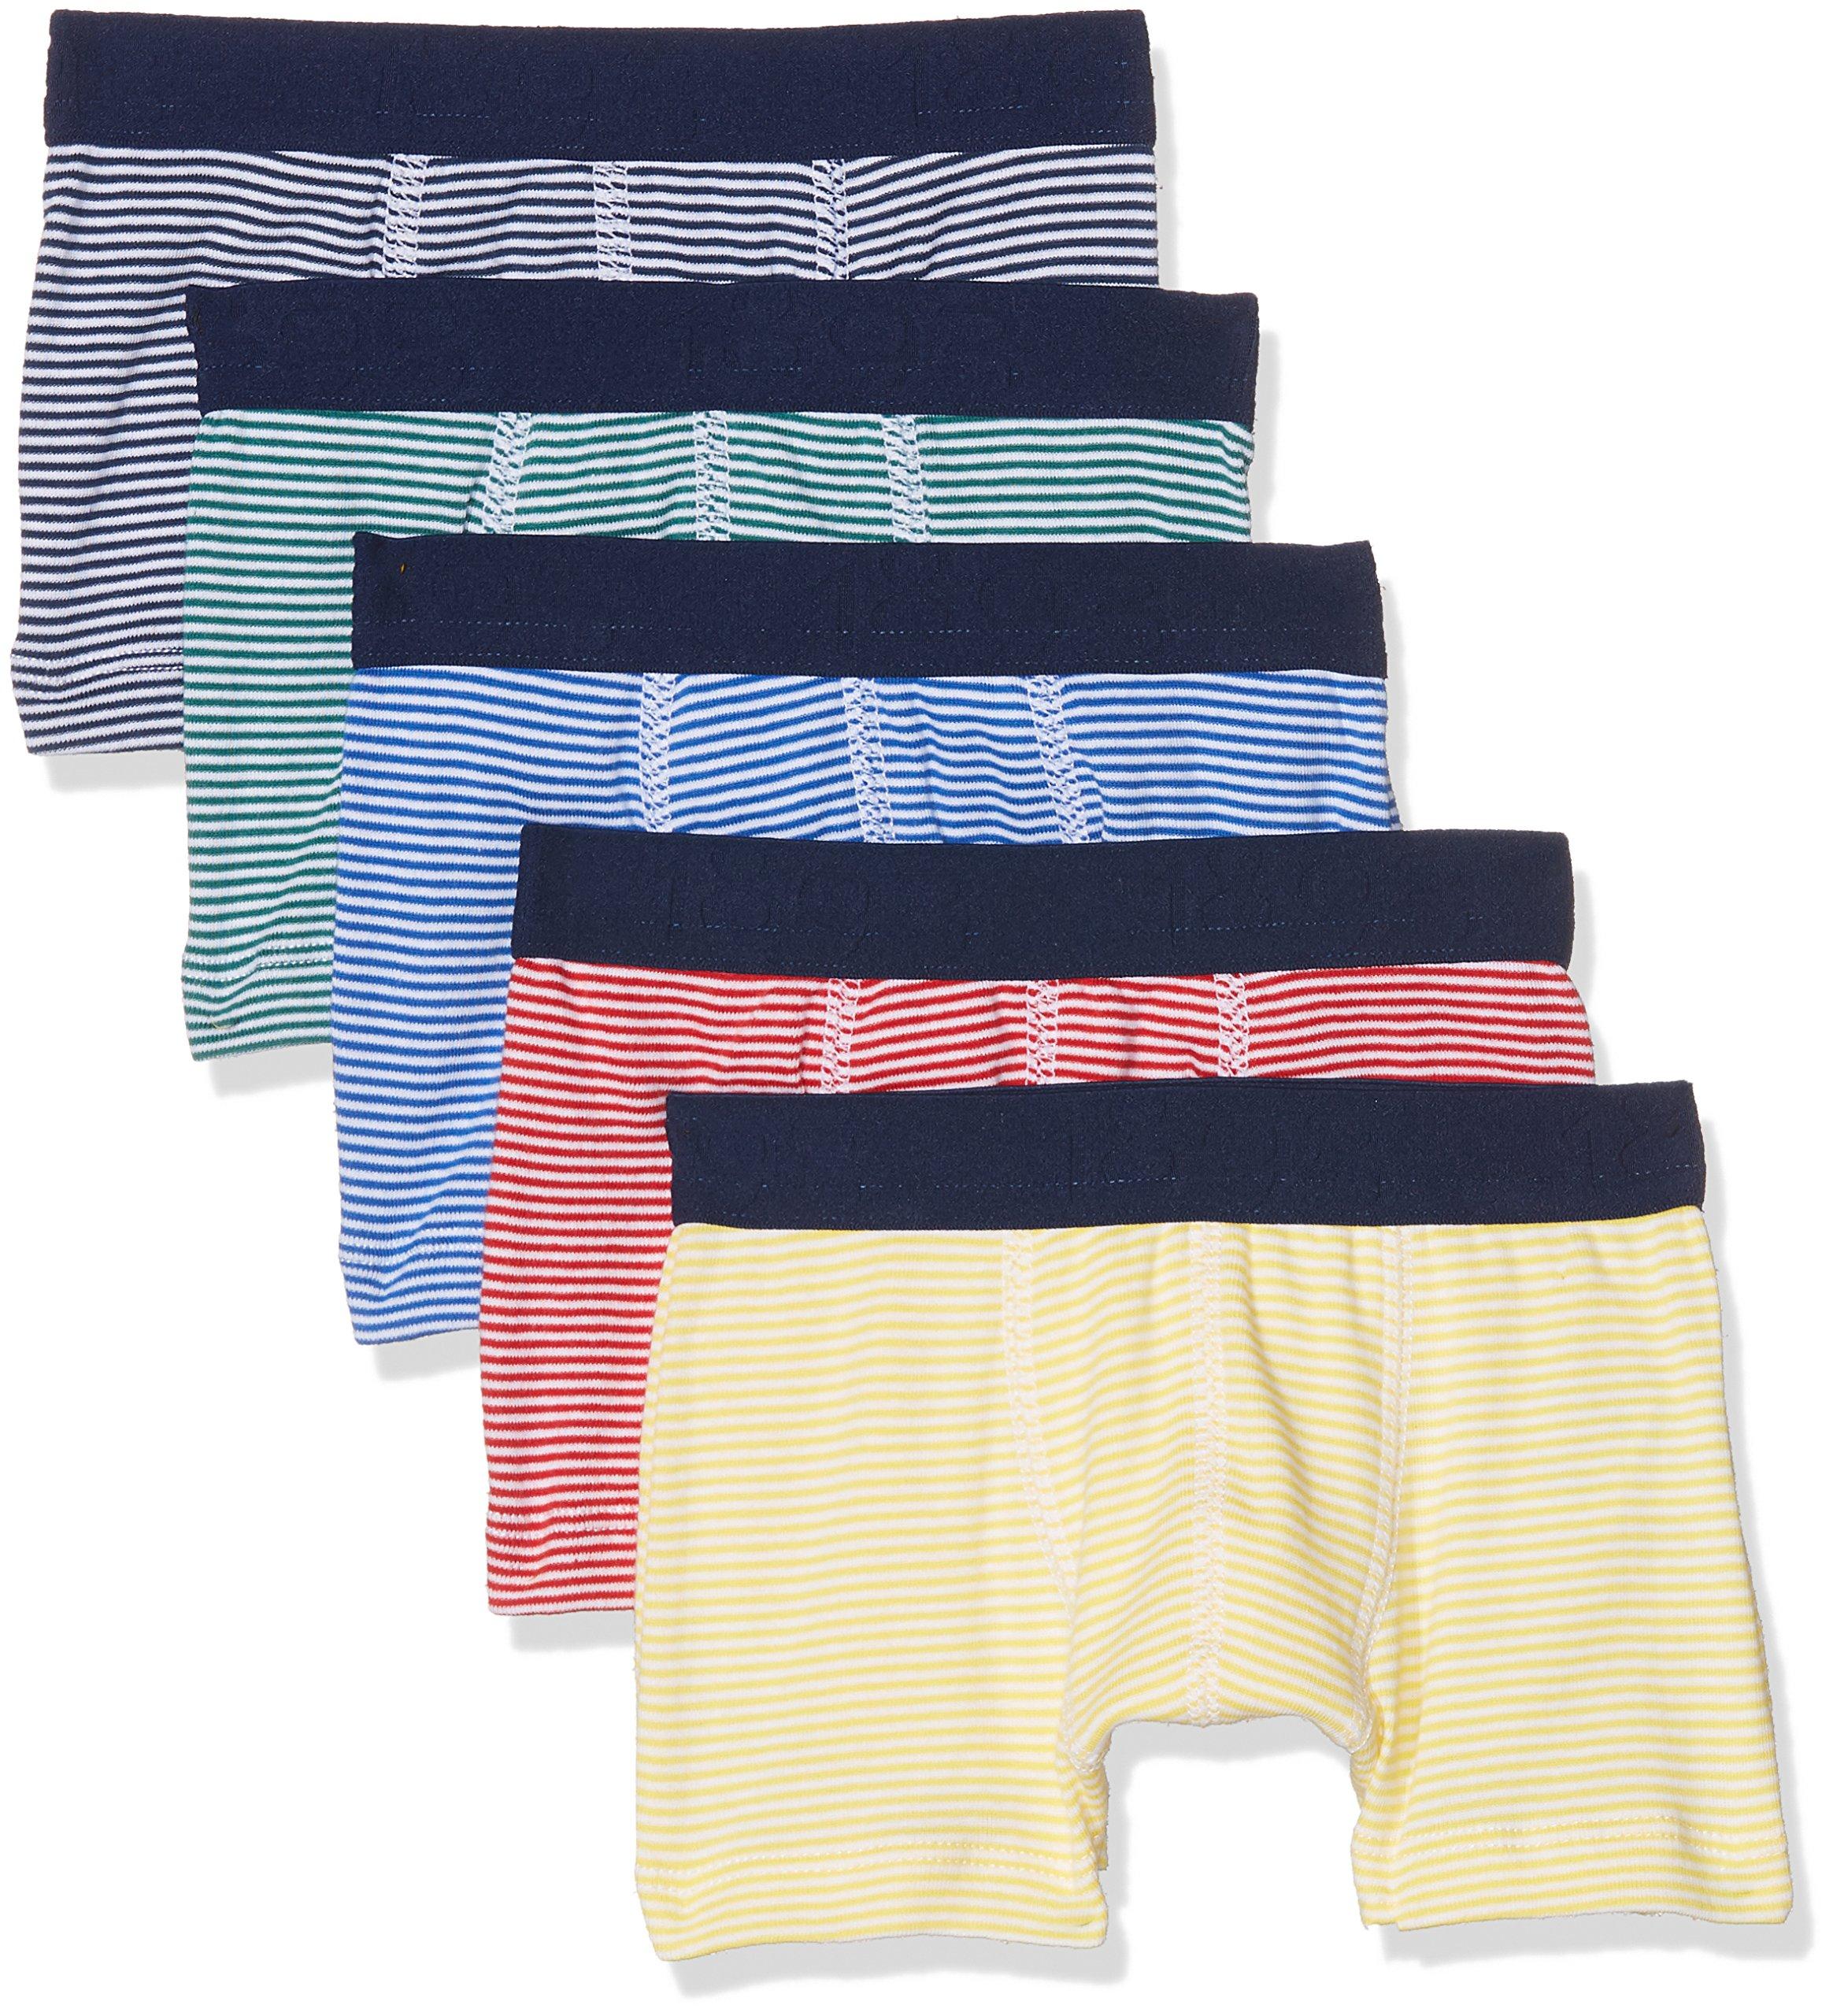 Petit Bateau Set of 5 Boys' Boxers with MILLERAIES Stripes (8)